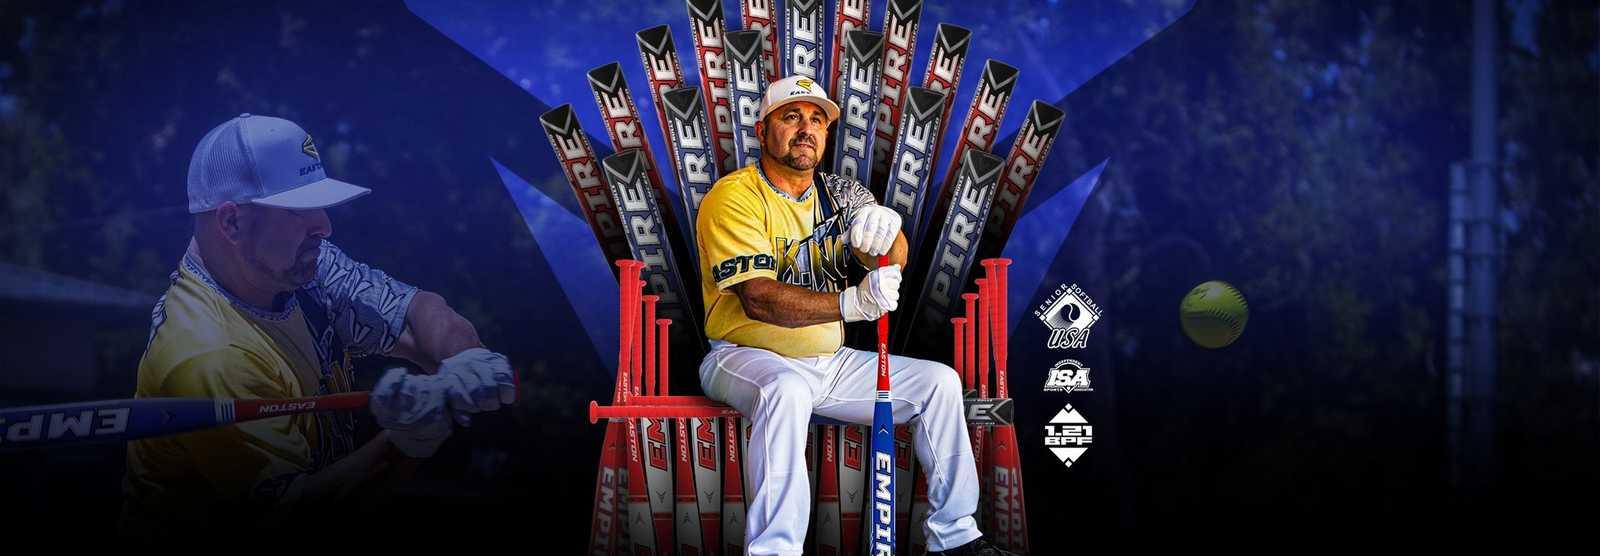 slowpitch-senior-league-empire-bats